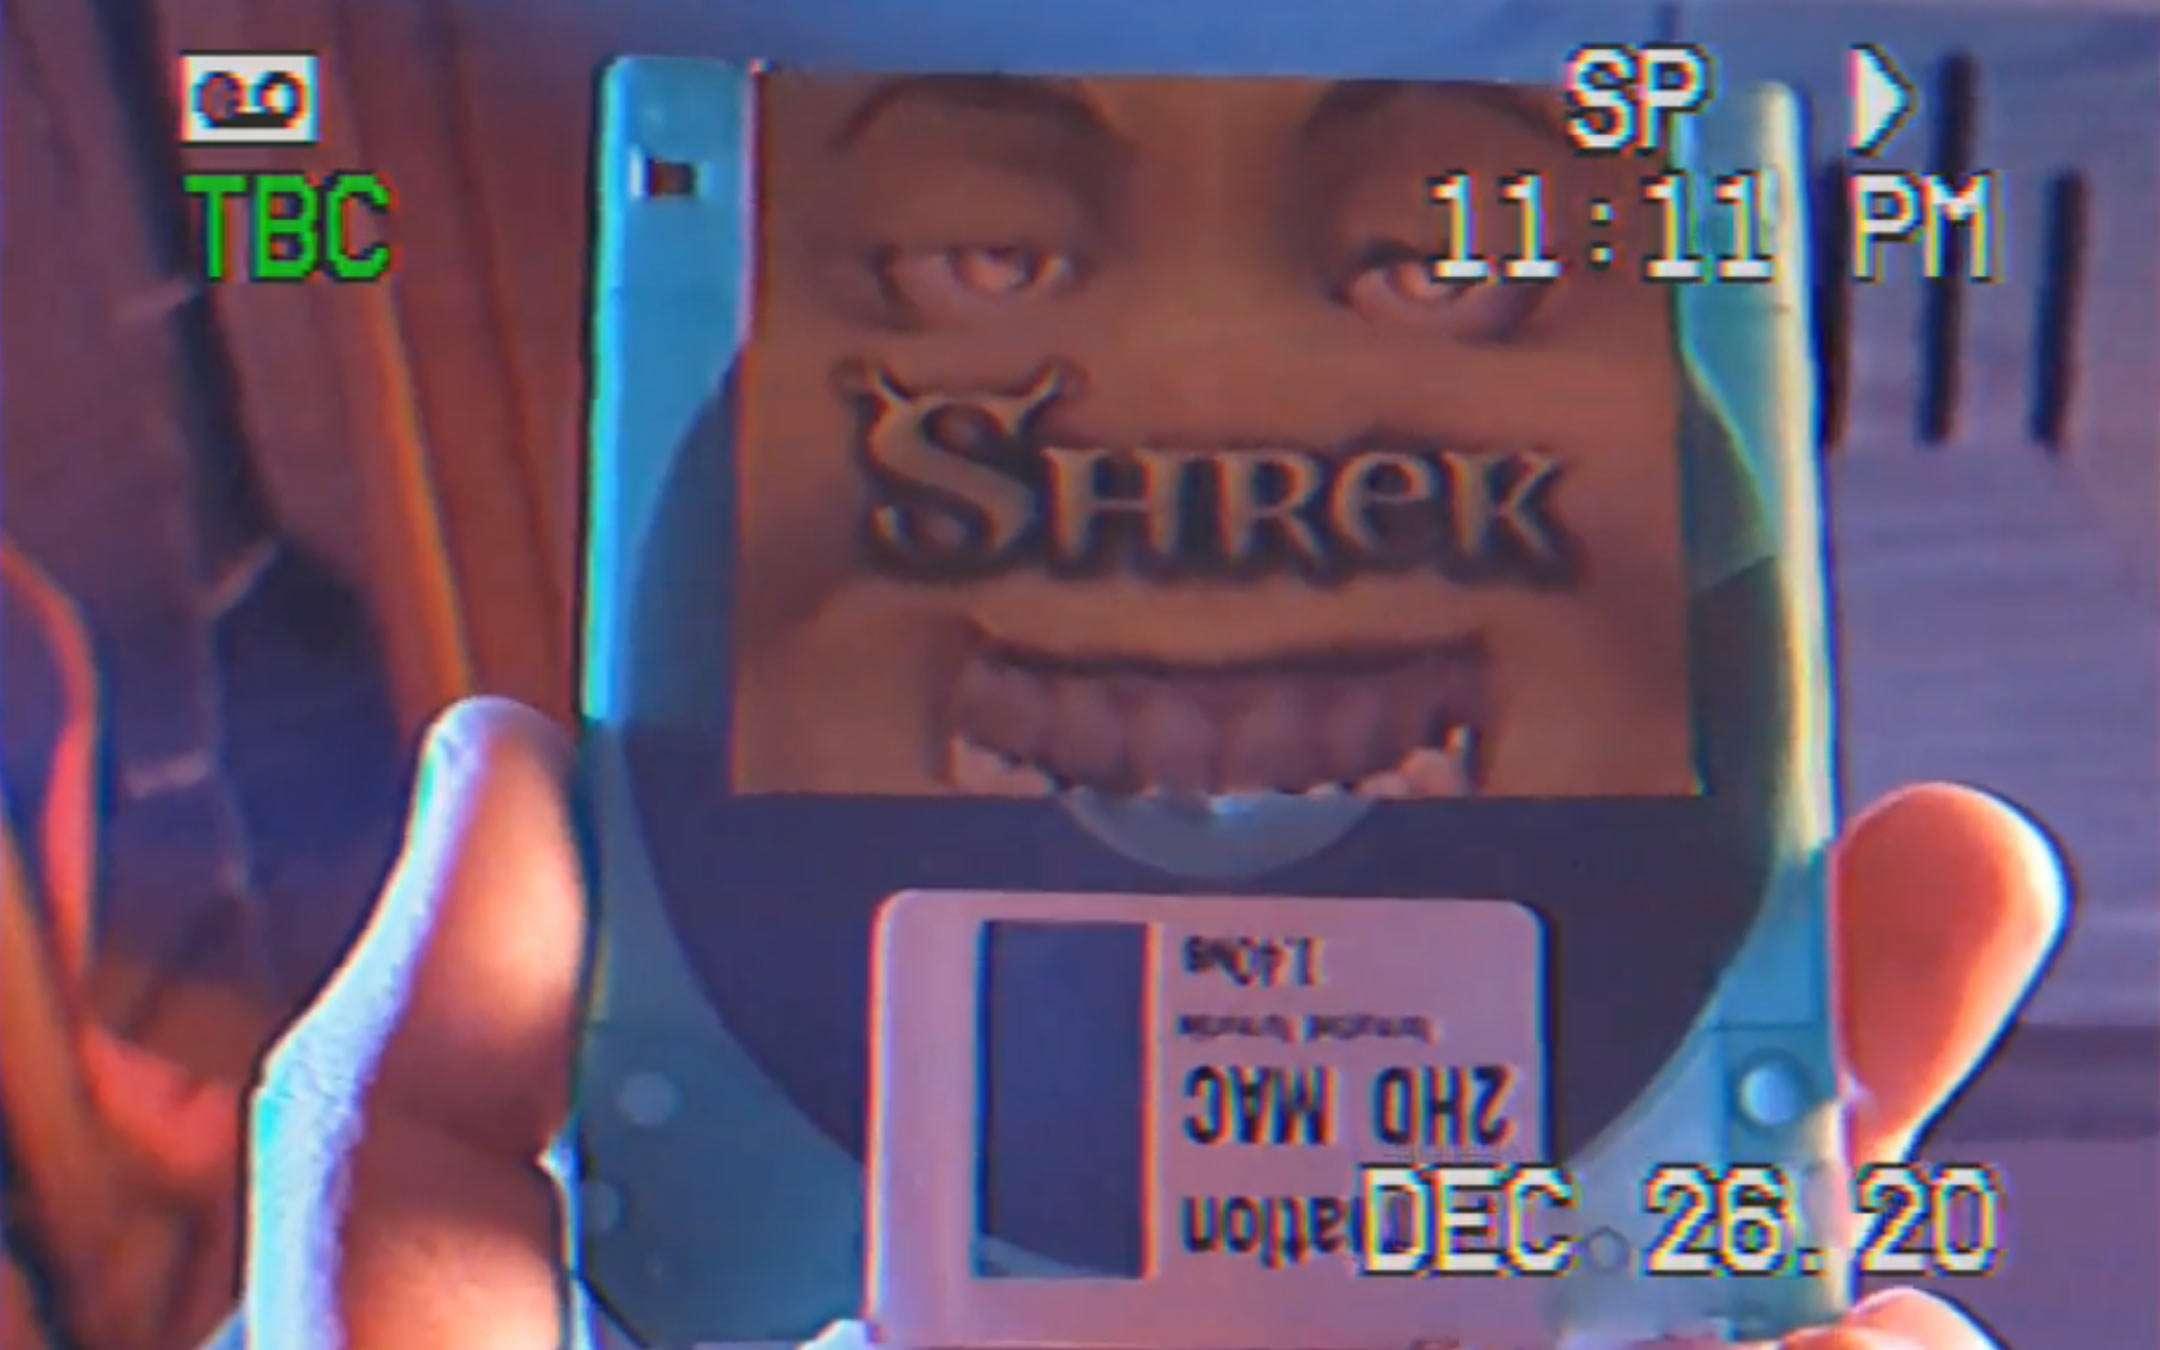 LimaTek Diskmaster: the first Shrek on a floppy